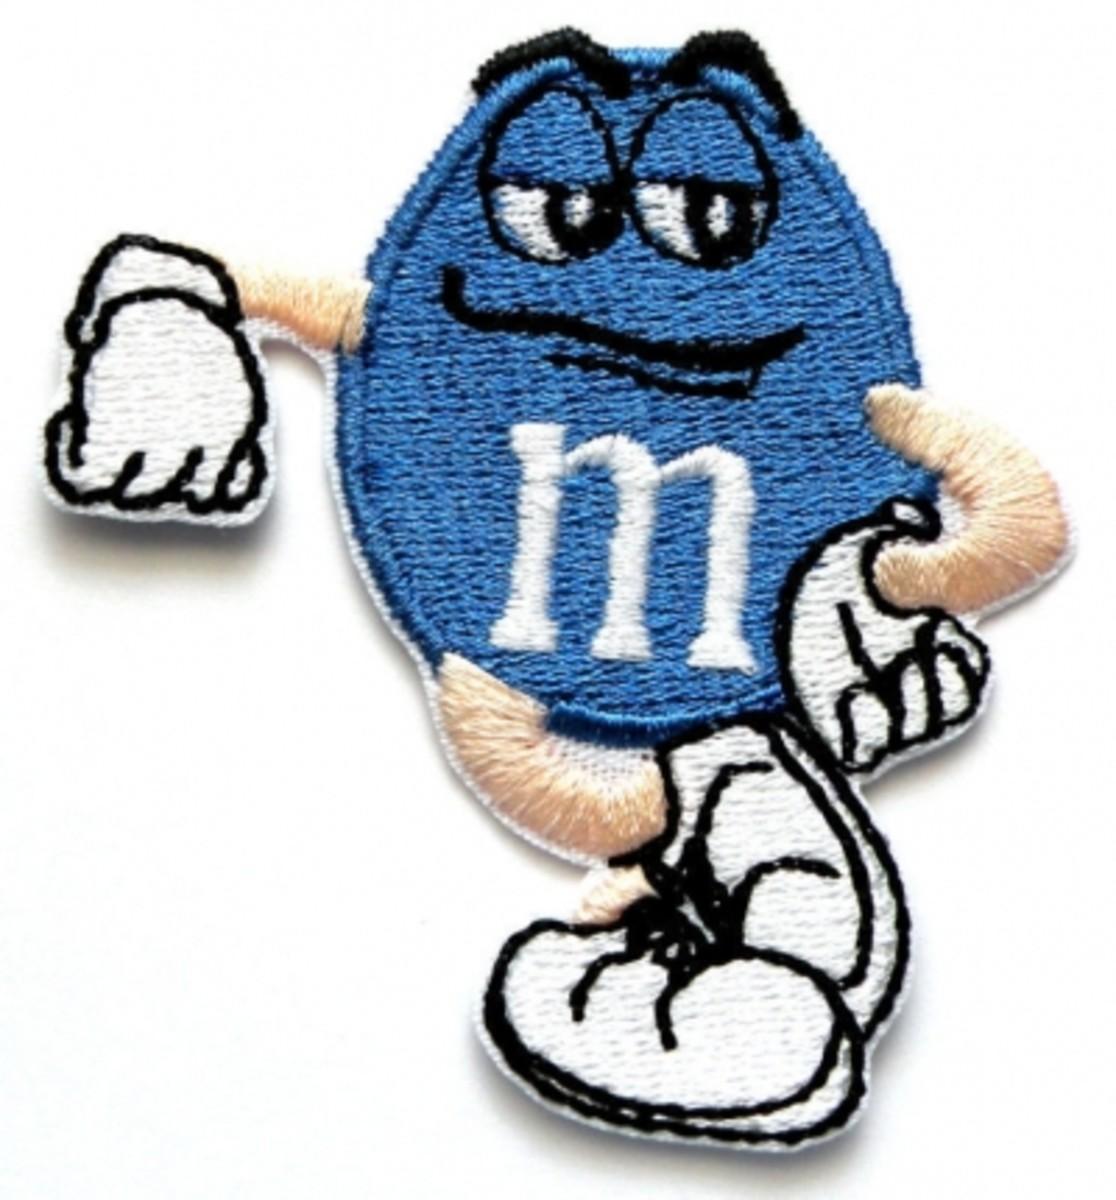 Blue M&M Patch